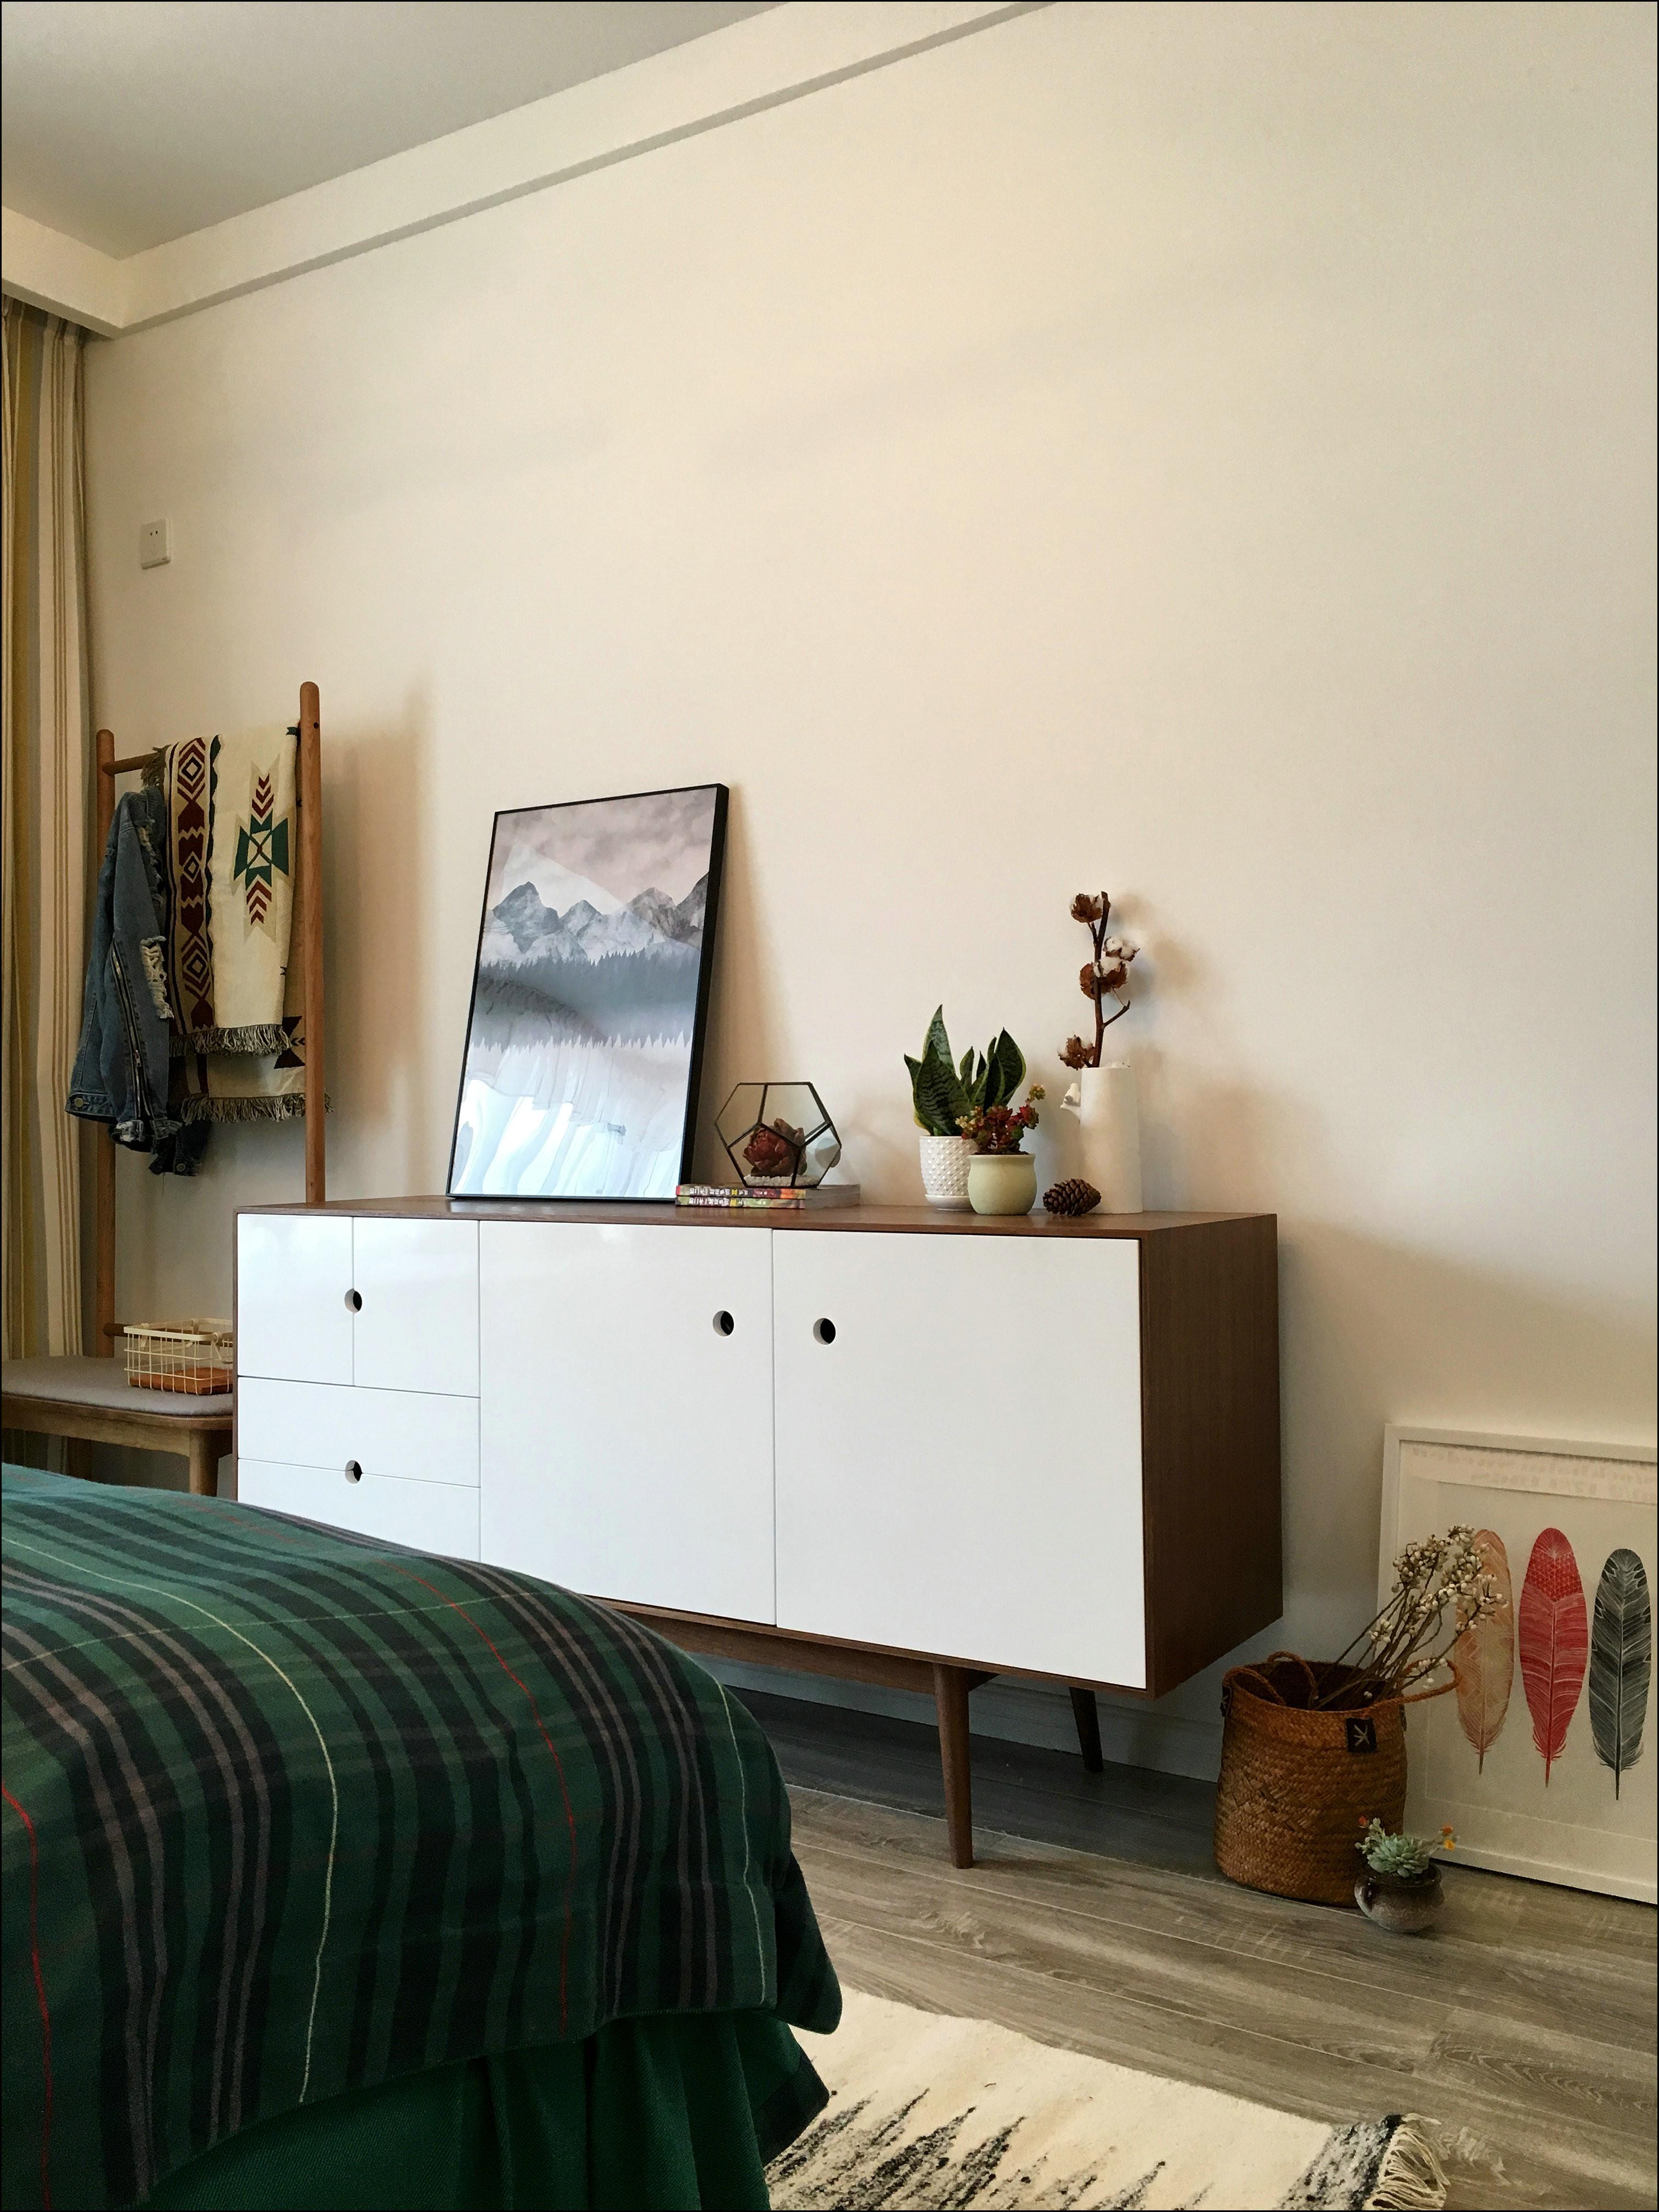 110㎡三居室装修边柜装饰摆件